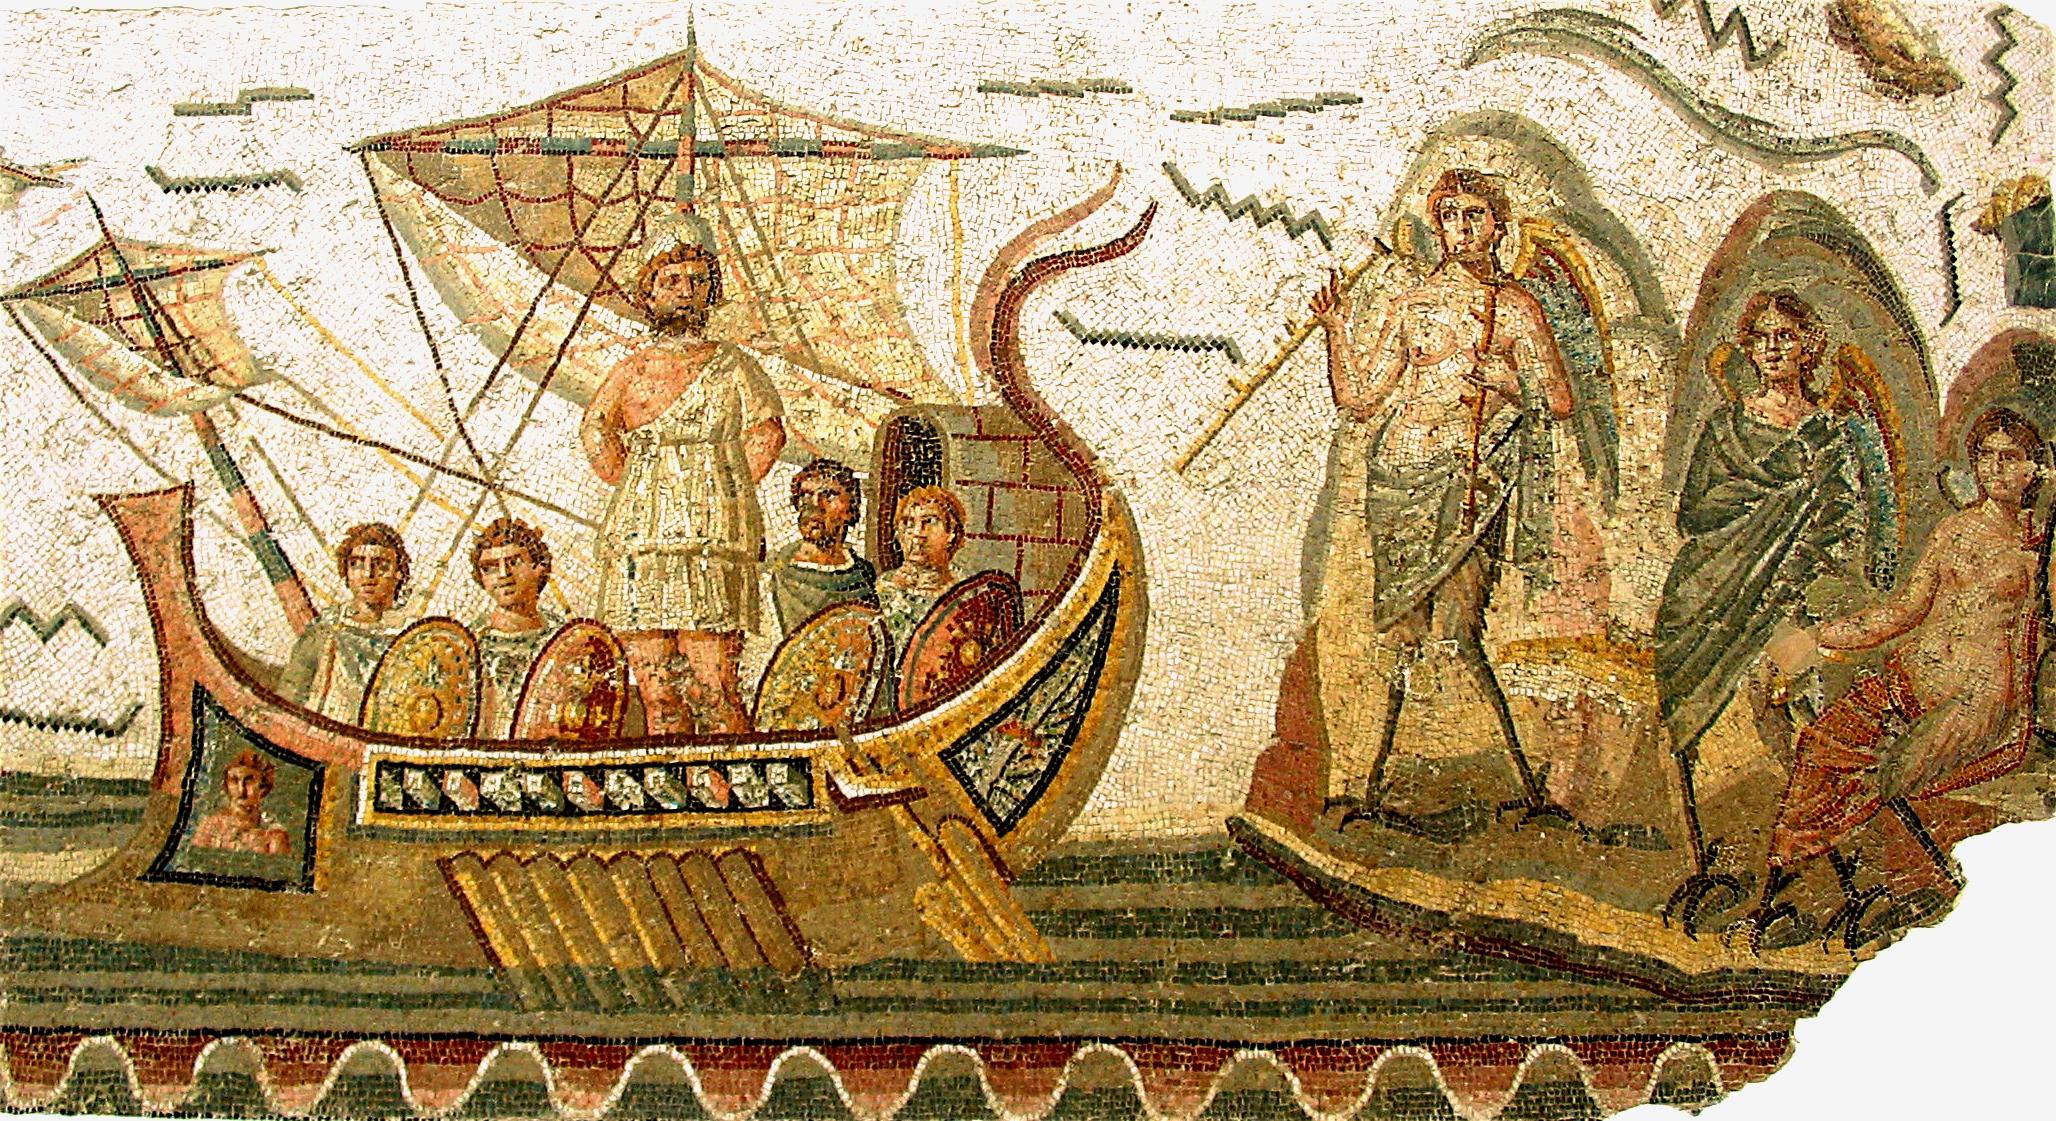 Ulisses e as sereias mosaico no museu nacional do bardo t nis tunisia s culo ii dc via wikicommons